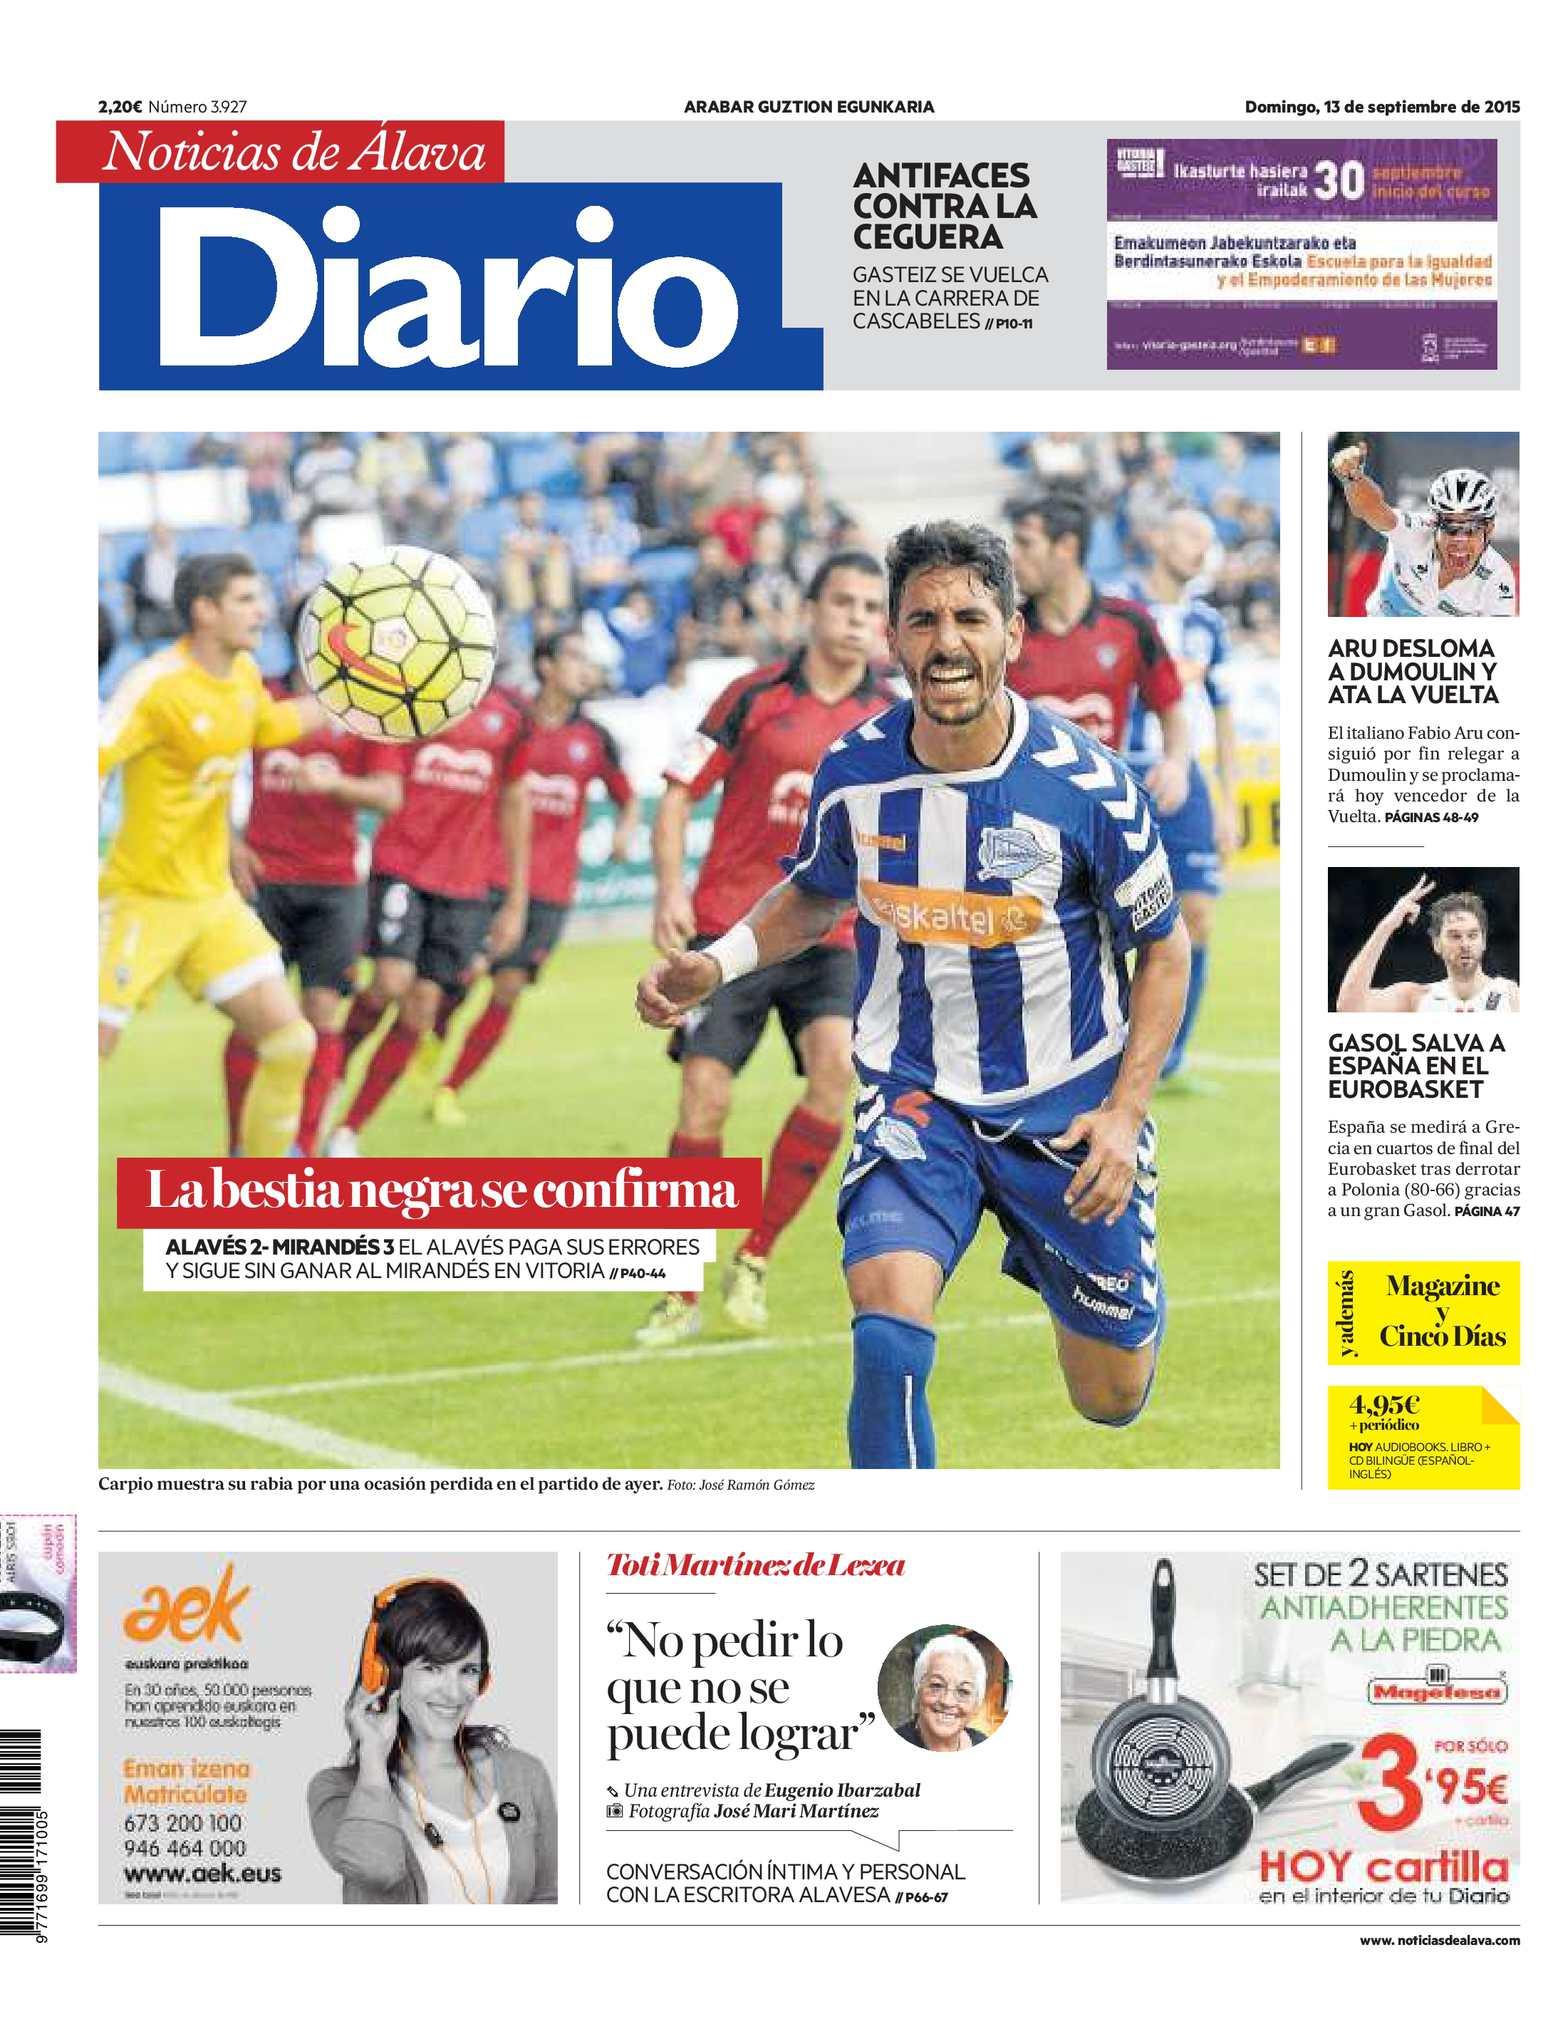 957fb09e5 Calaméo - Diario de Noticias de Álava 20150913